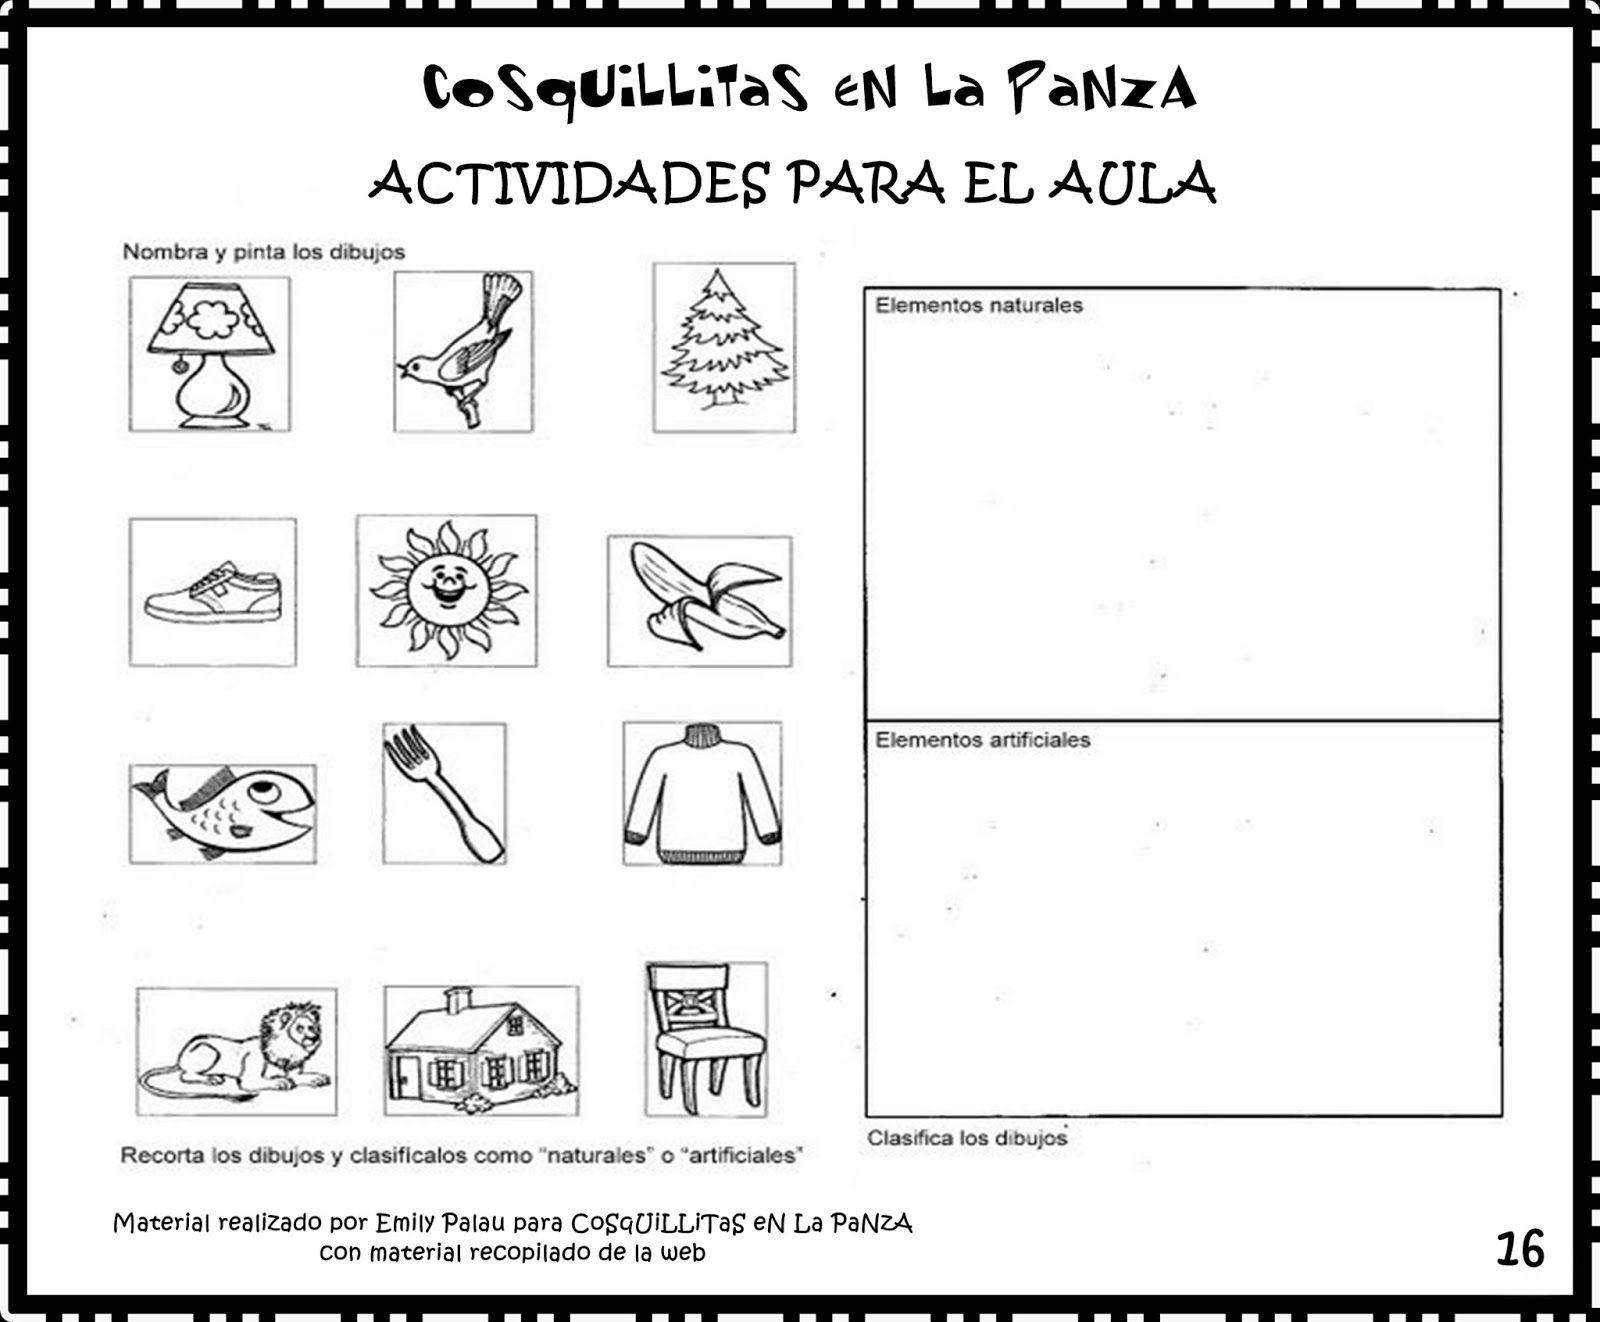 Objetos Naturales Y Artificiales Para Colorear Buscar Con Goo Materiales Y Sus Propiedades Letras De Canciones Infantiles Materiales Naturales Y Artificiales